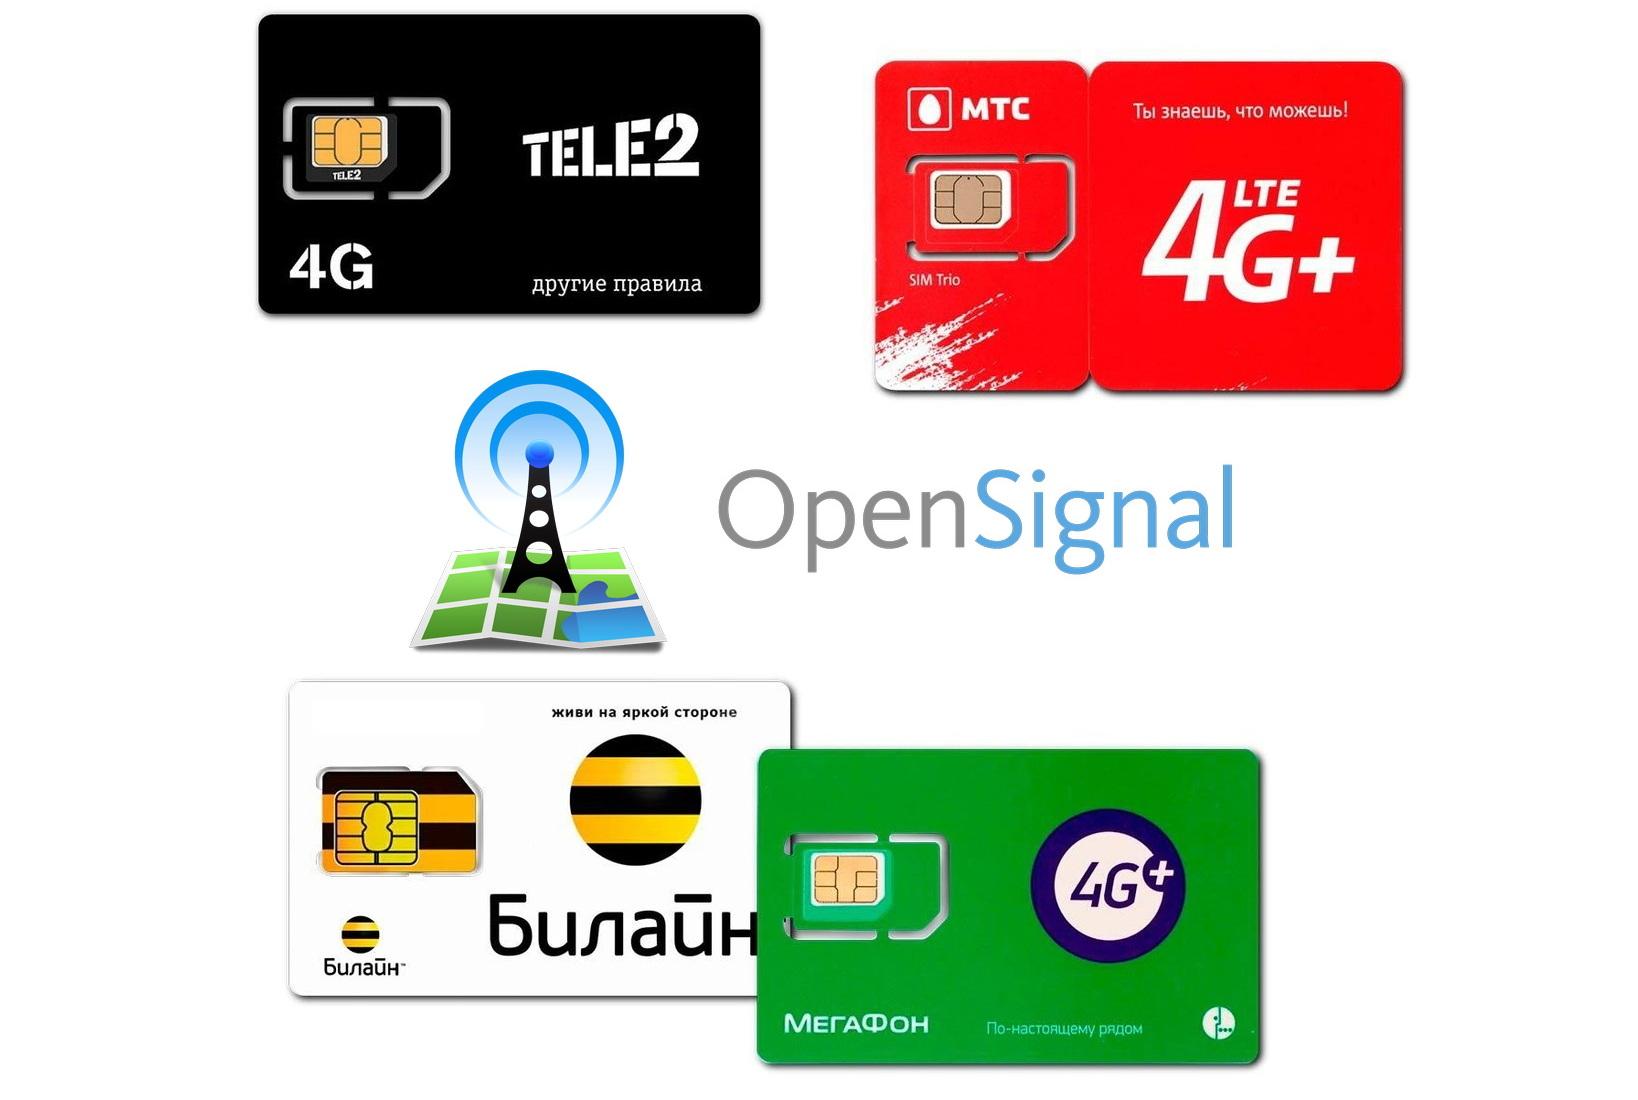 Tele2 признали лучшей по доступности 4G, разбираем признание... (+ данные от других операторов)